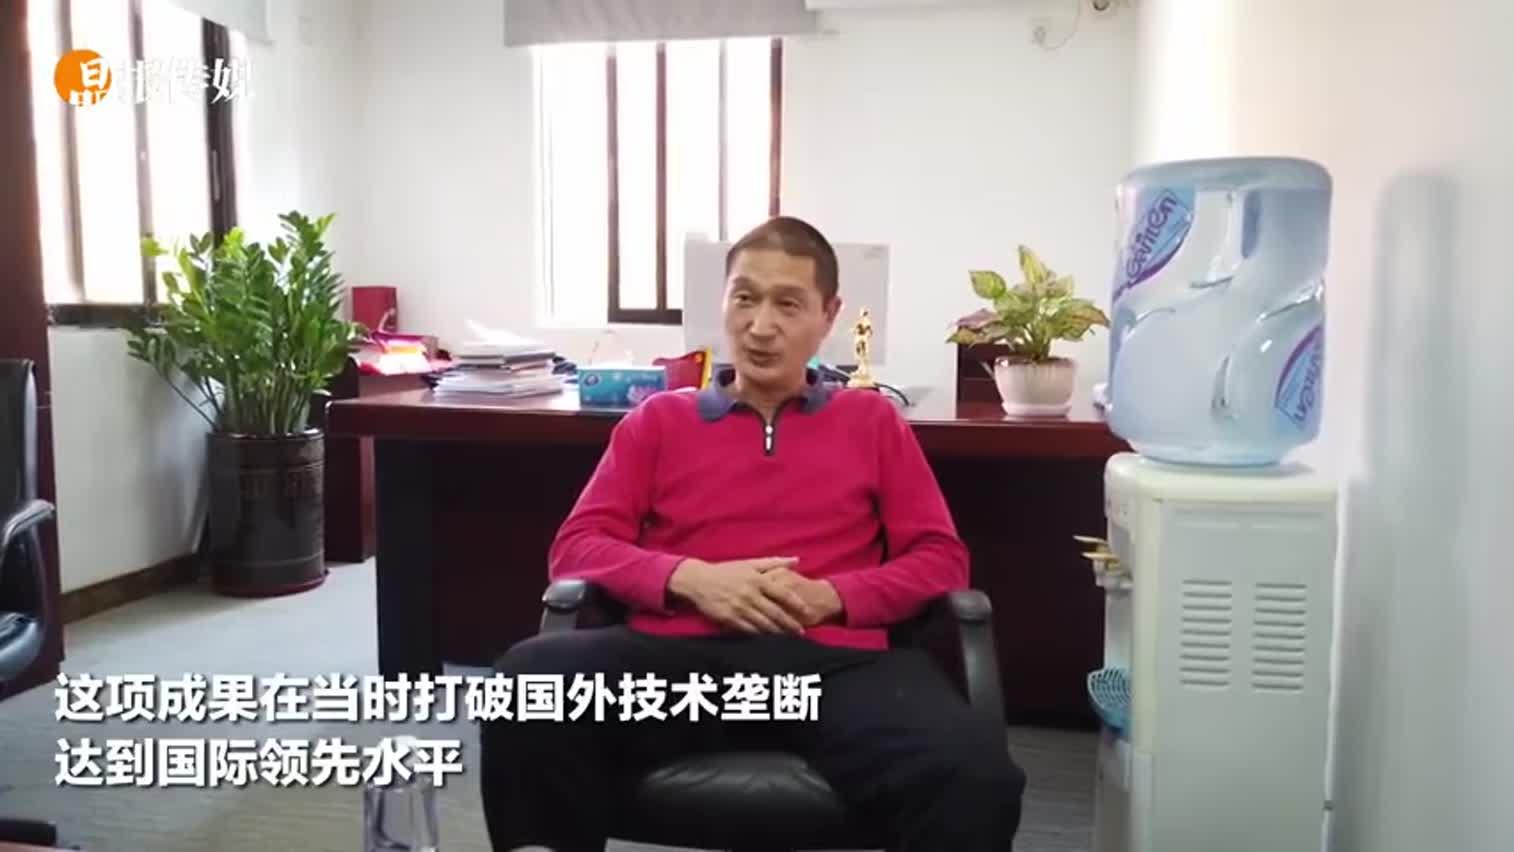 入选广东省劳模和工匠人才创新工作室,深圳这位工程师不简单